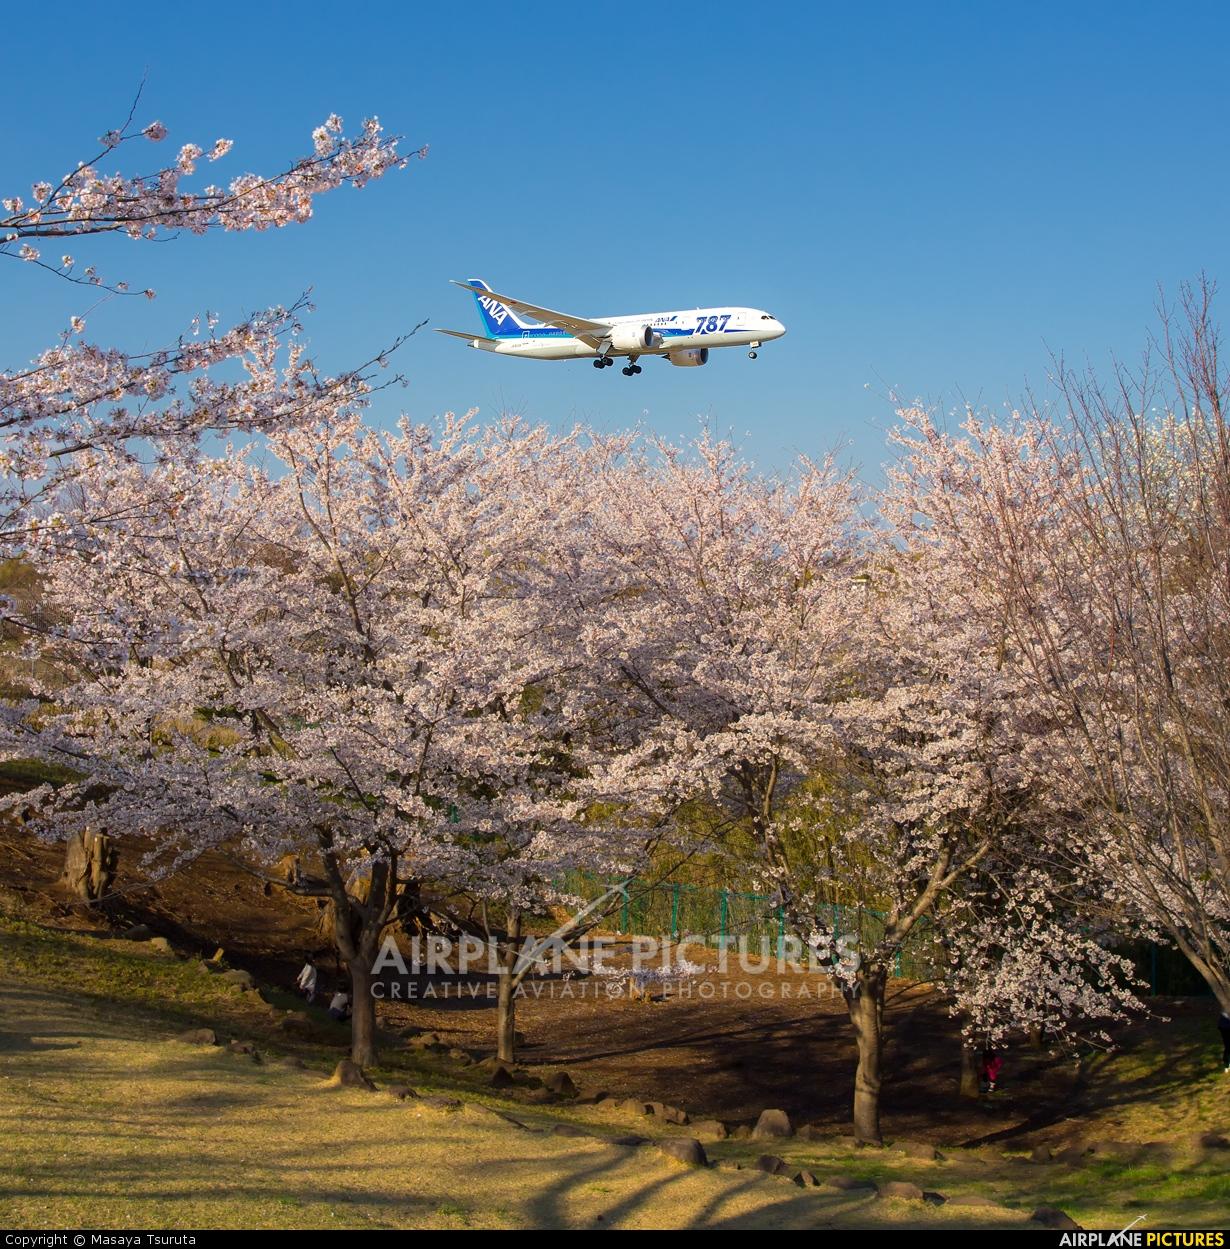 ANA - All Nippon Airways JA810A aircraft at Tokyo - Narita Intl